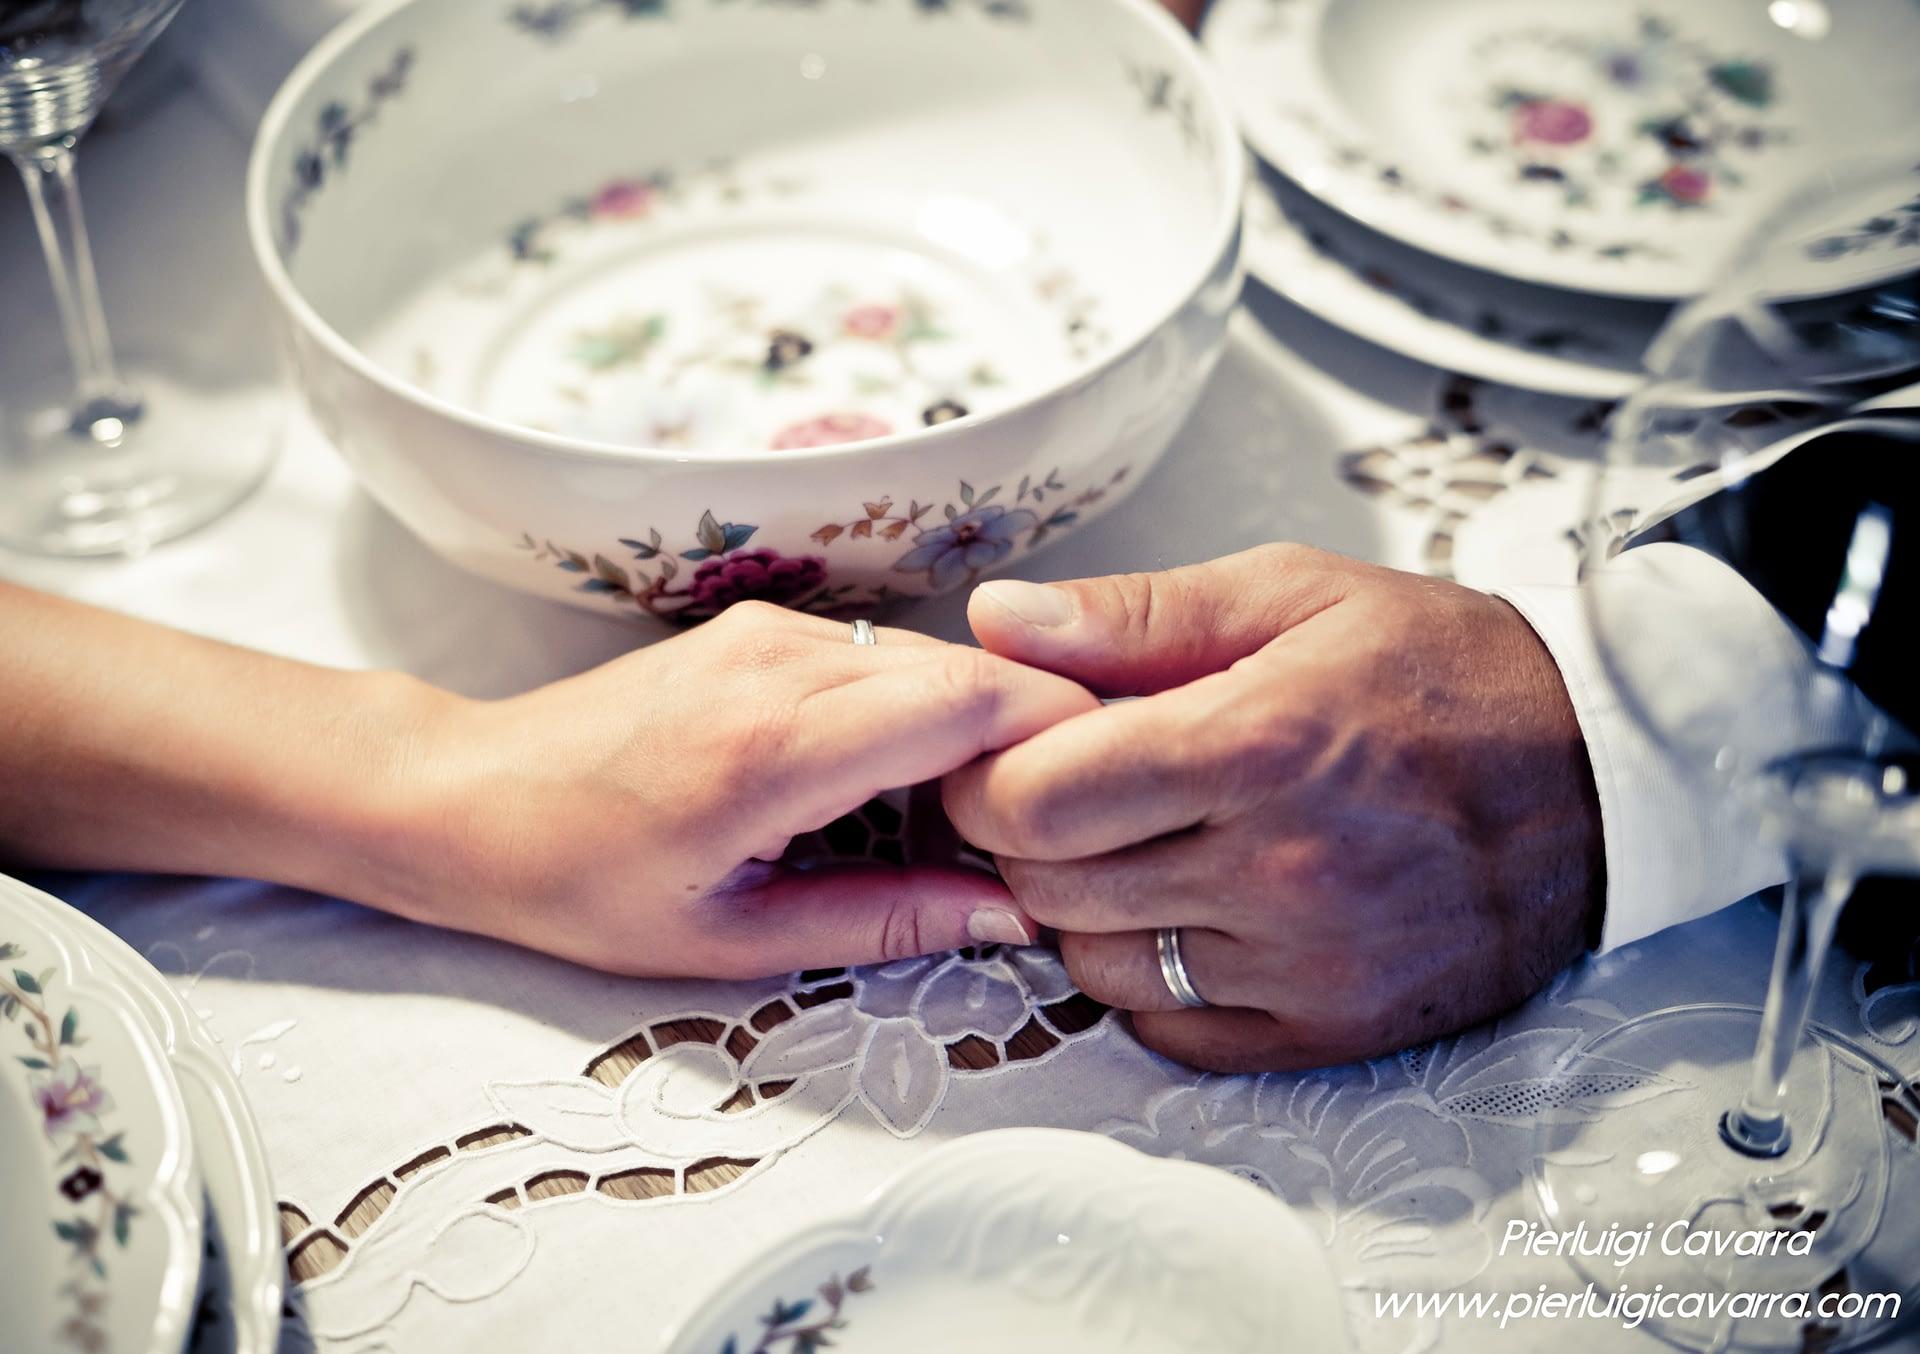 Pierluigi Cavarra - fotografo de bodas y eventos - wedding photographer costa blanca - ejemplo -24